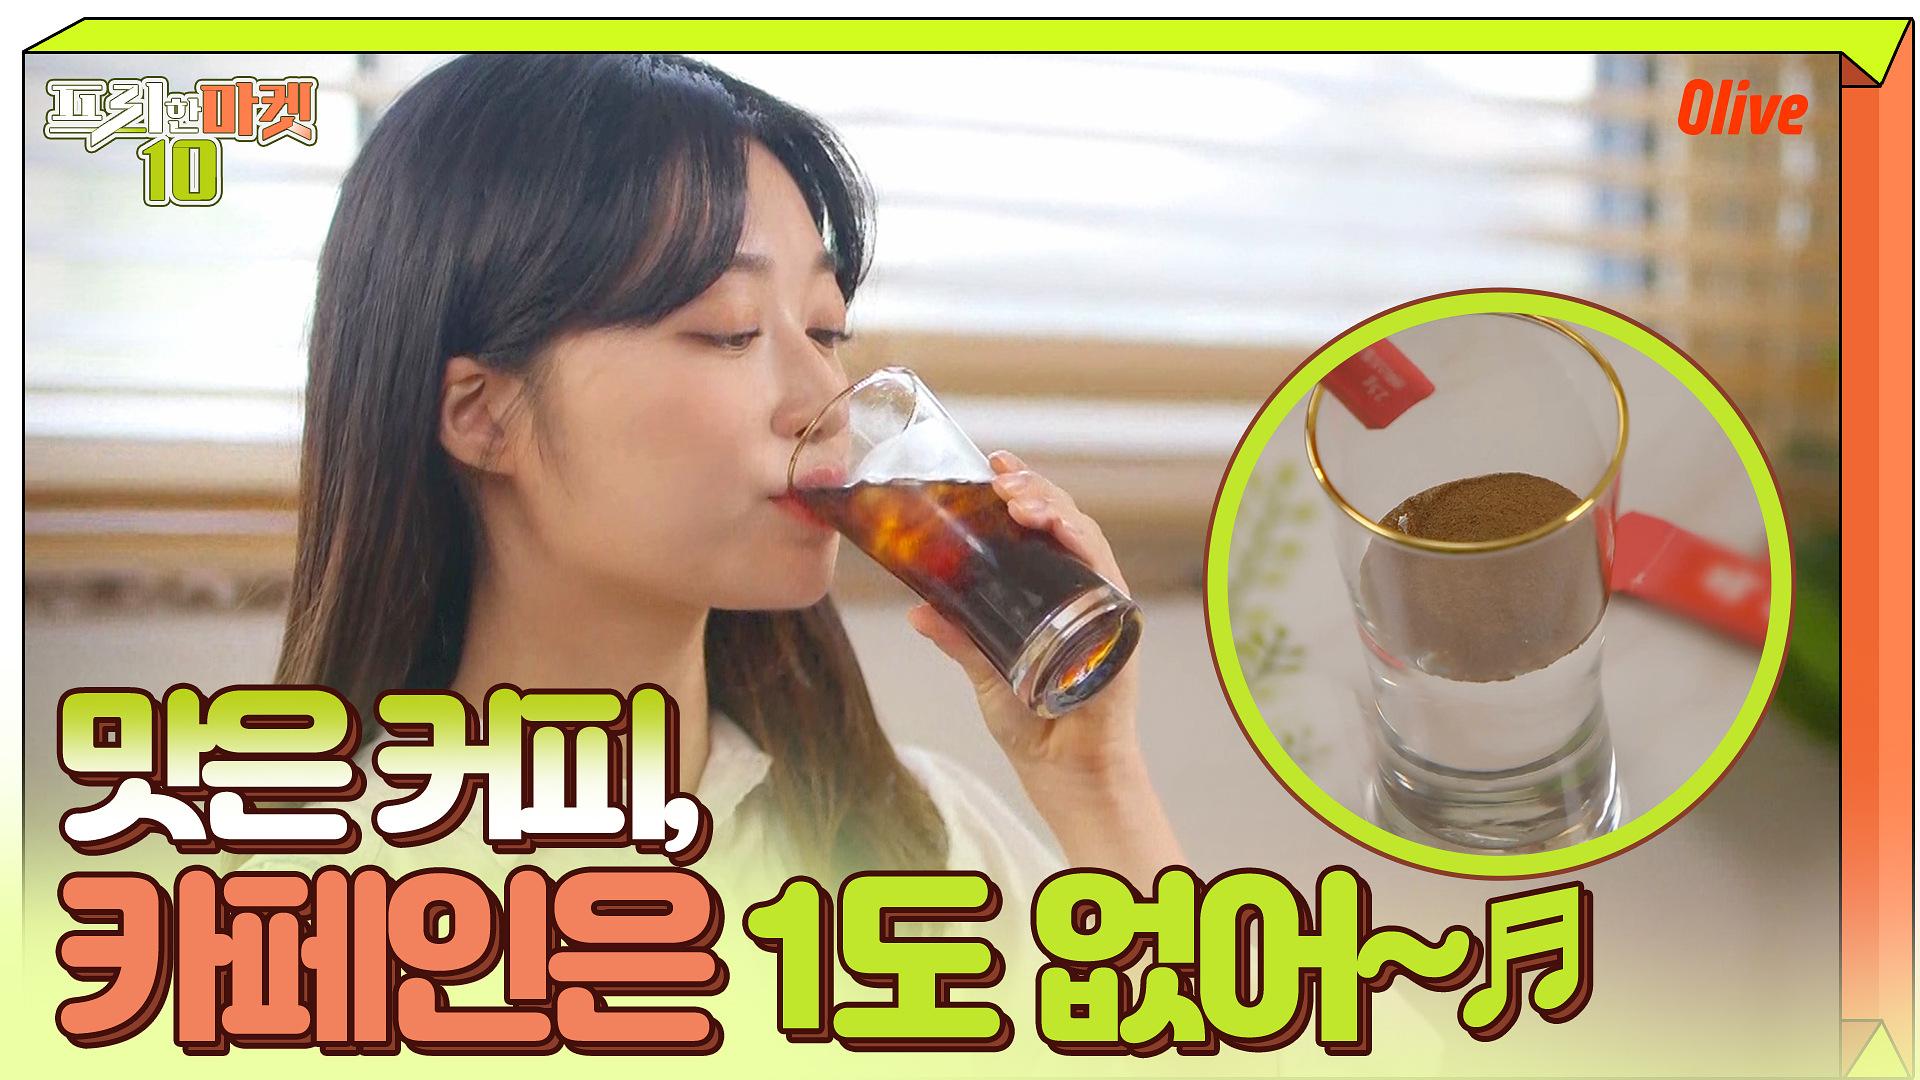 맛과 향은 커피와 비슷, 카페인은 1도 없는 차가 있다!?